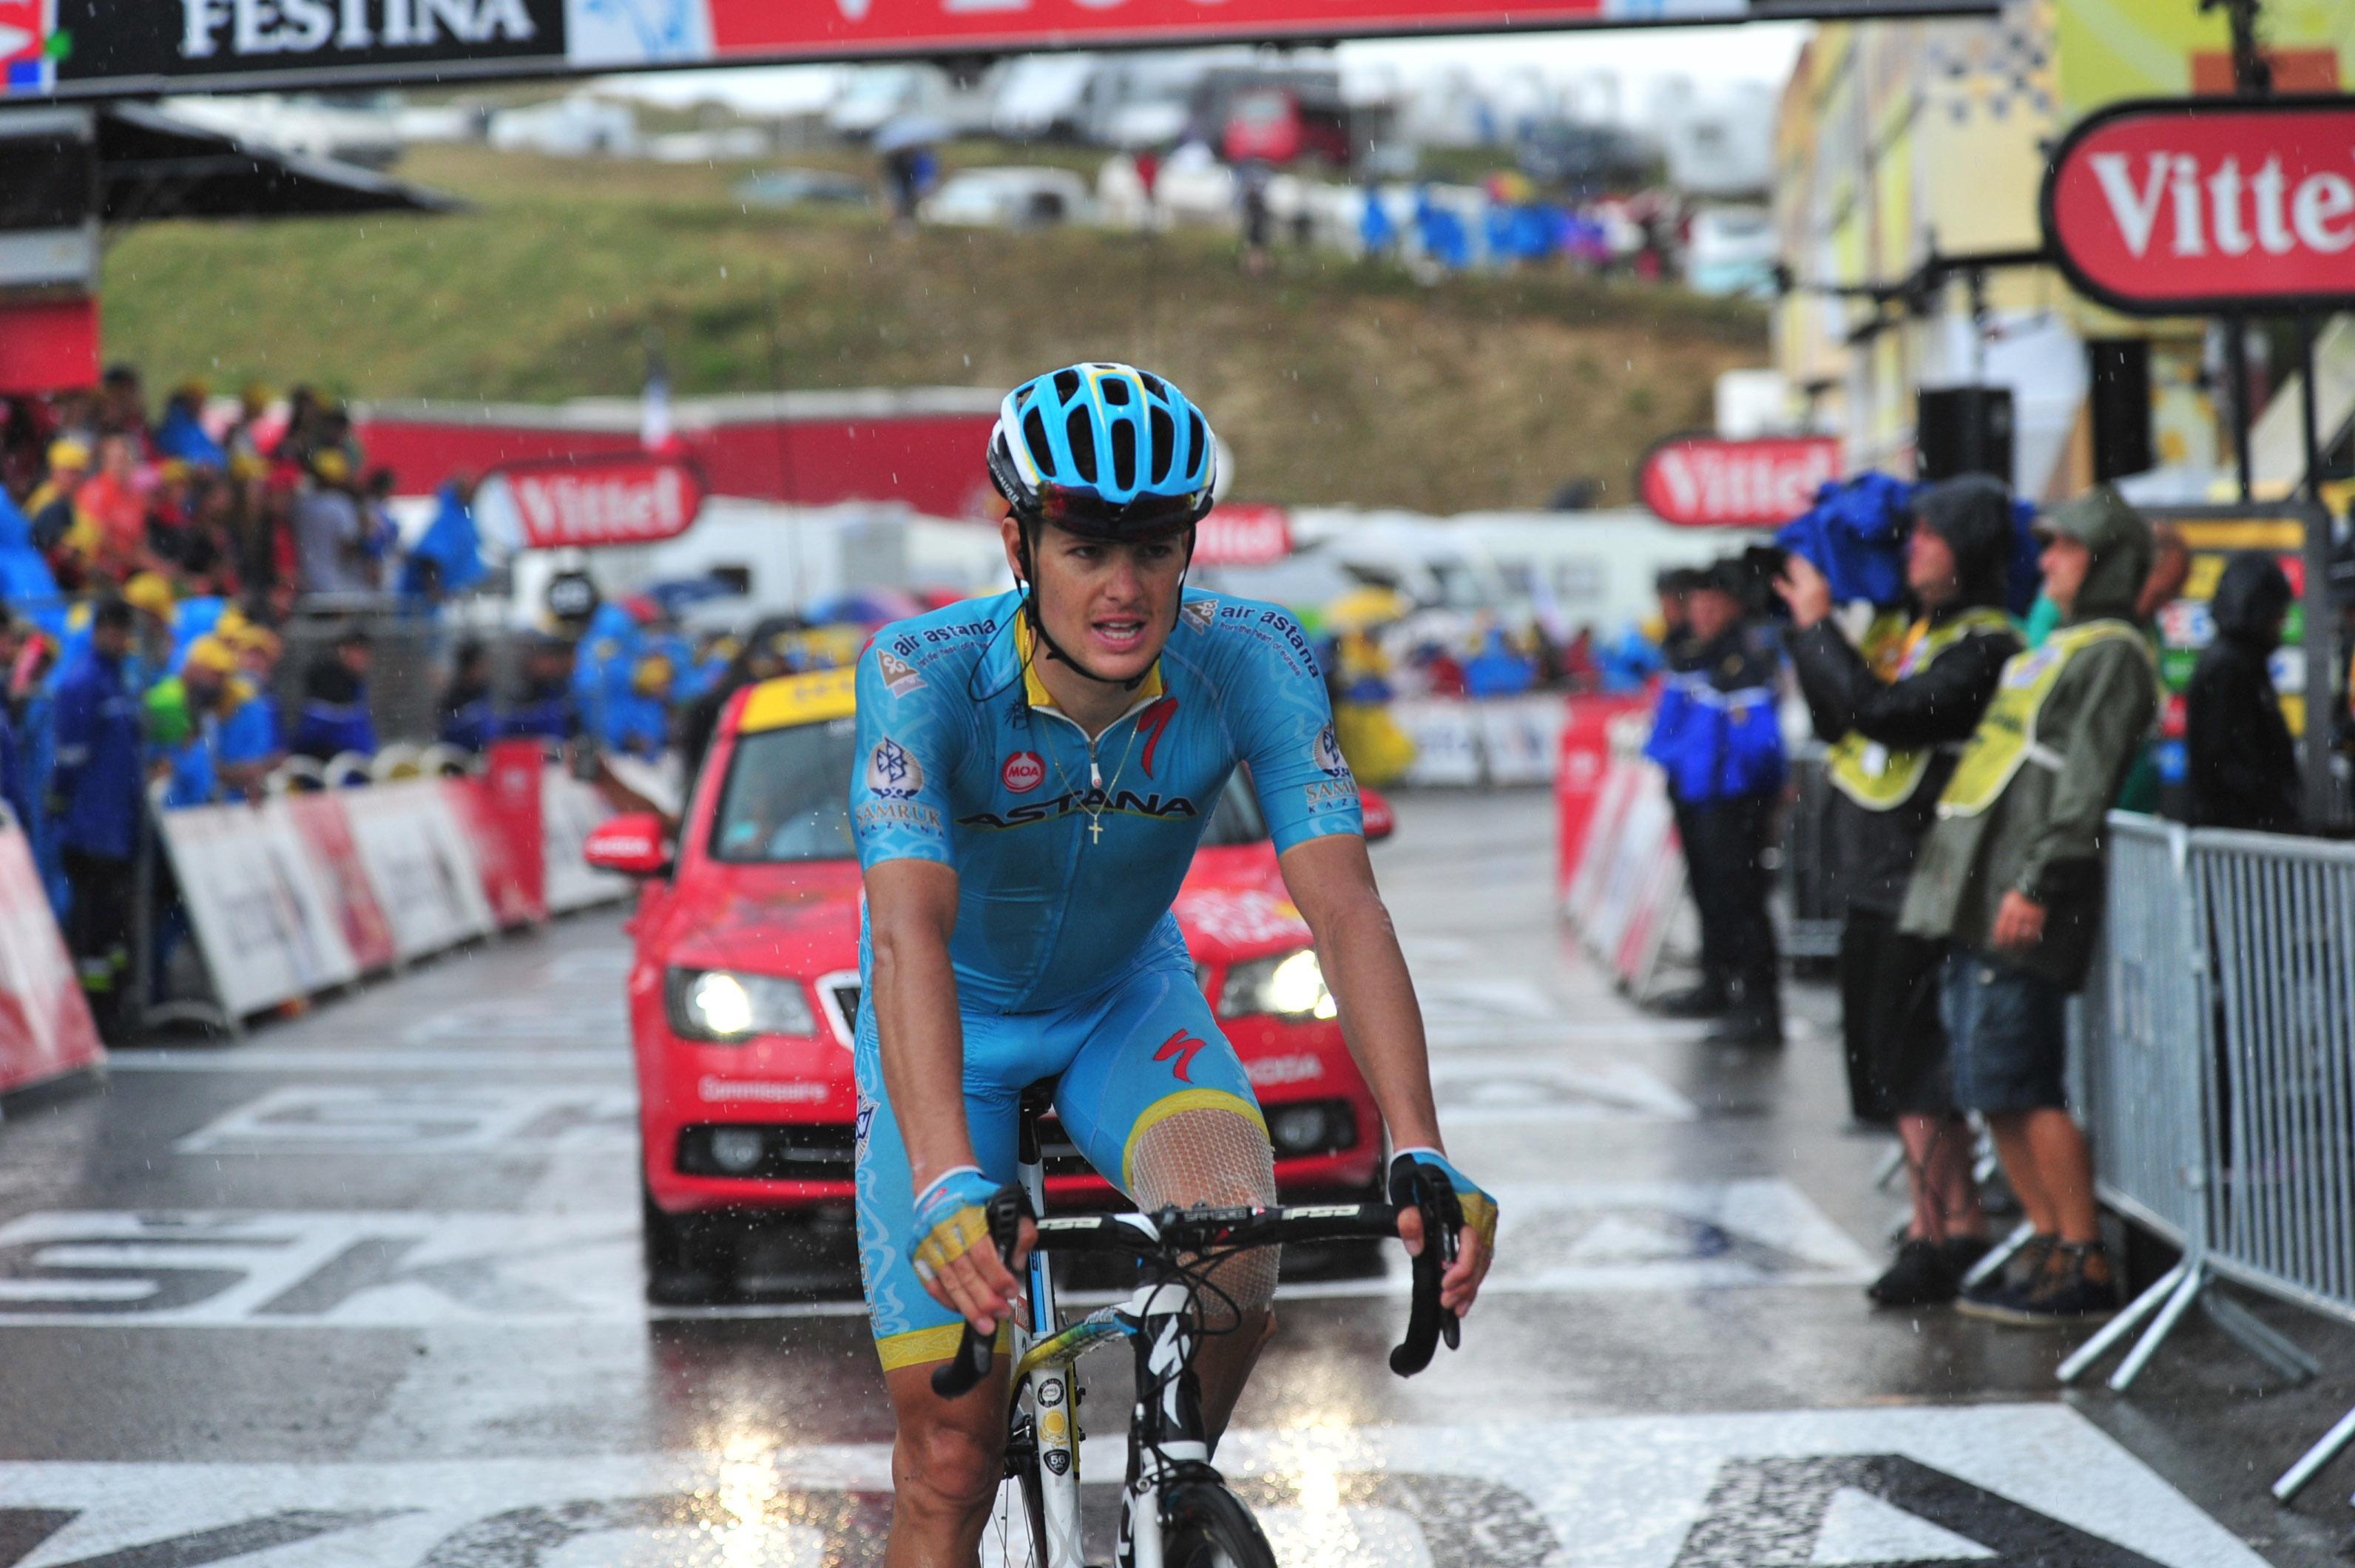 Jakob Fuglsang fuhr bei der 12. Etappe der Tour de France 2015 auf den zweiten Platz. Tolle Leistung! (pic: Sirotti)